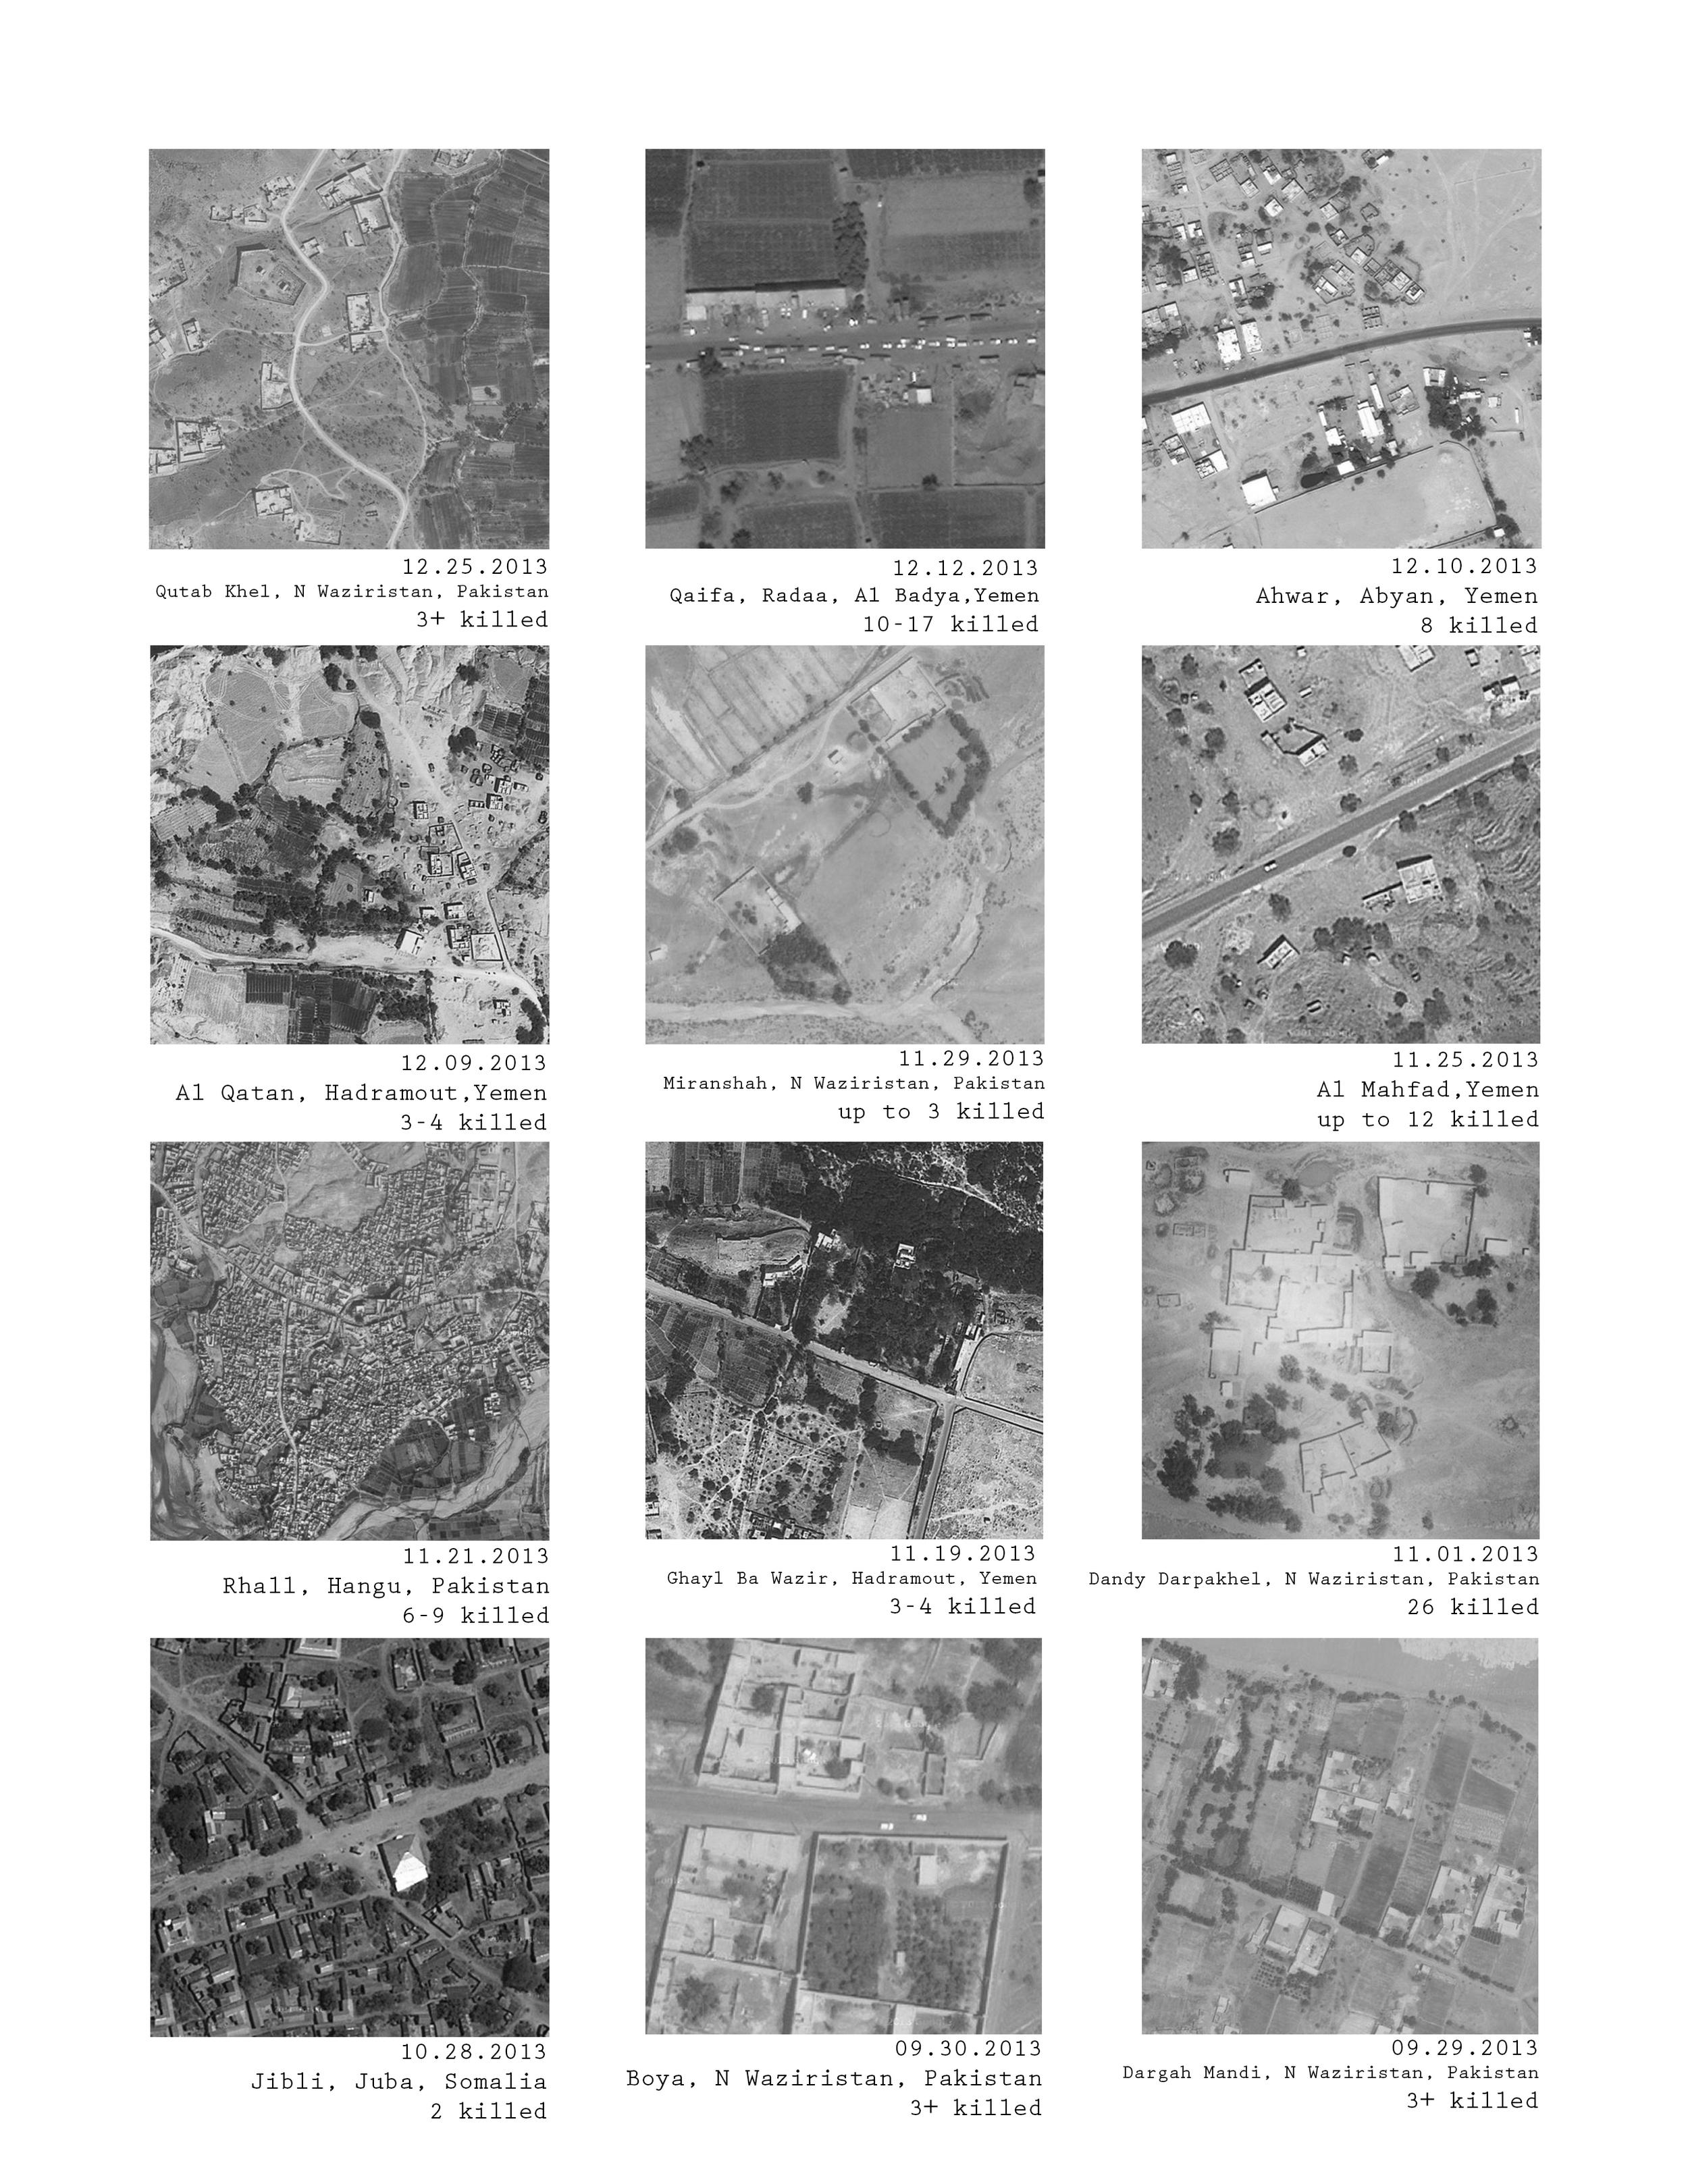 finalbook_drone_15.jpg